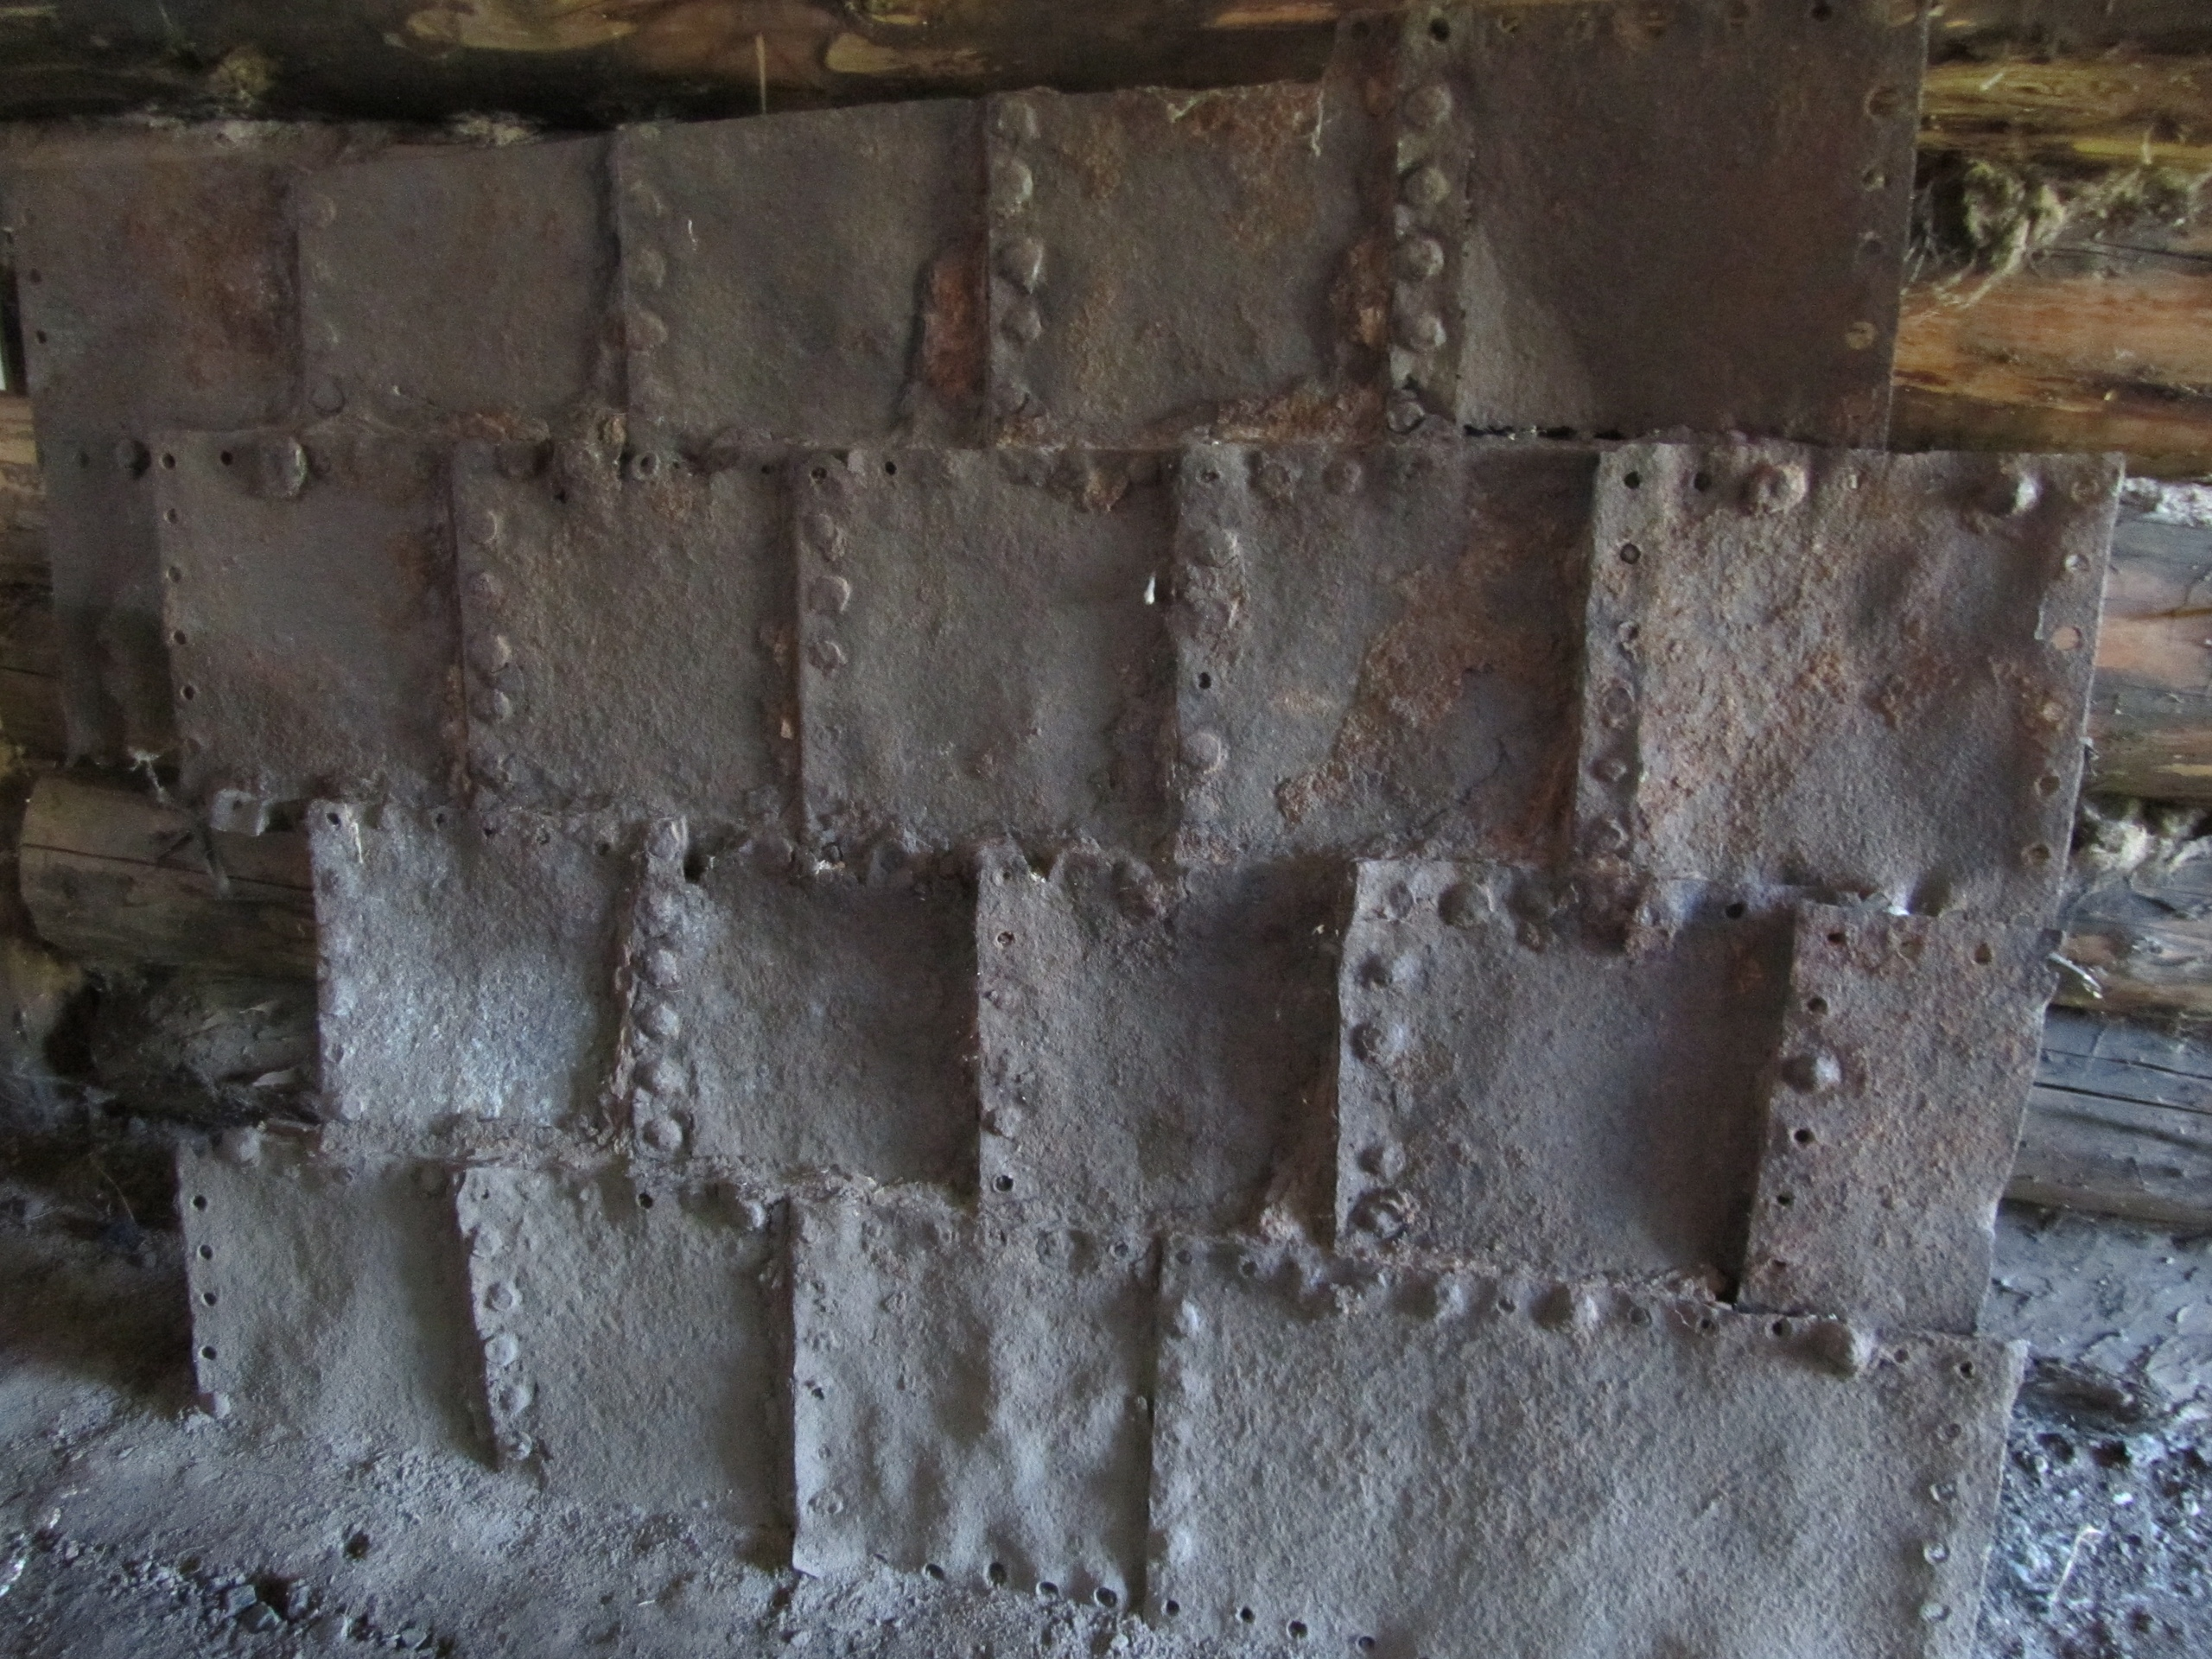 на таких цыренах протвинях в старину варили соль